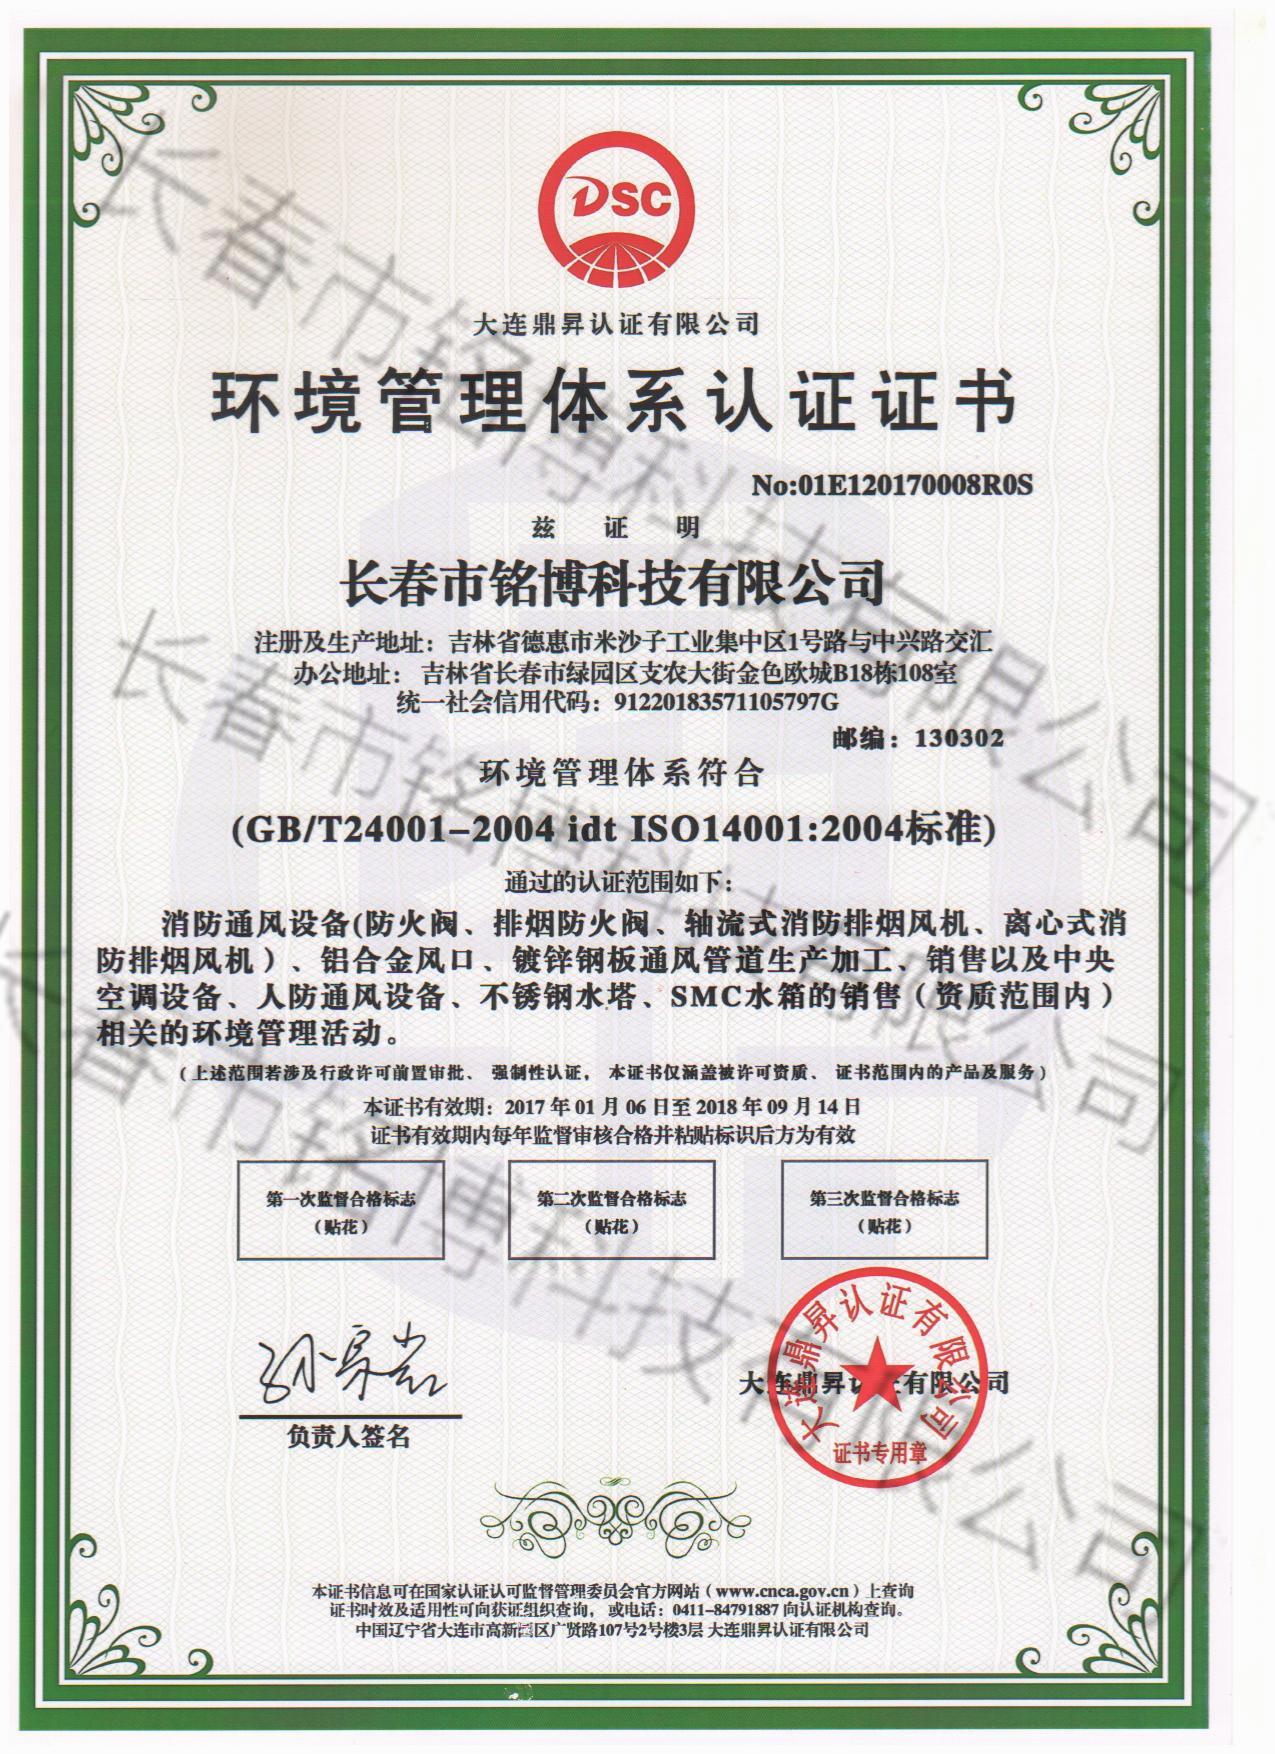 铭博环境管理体系认证证书